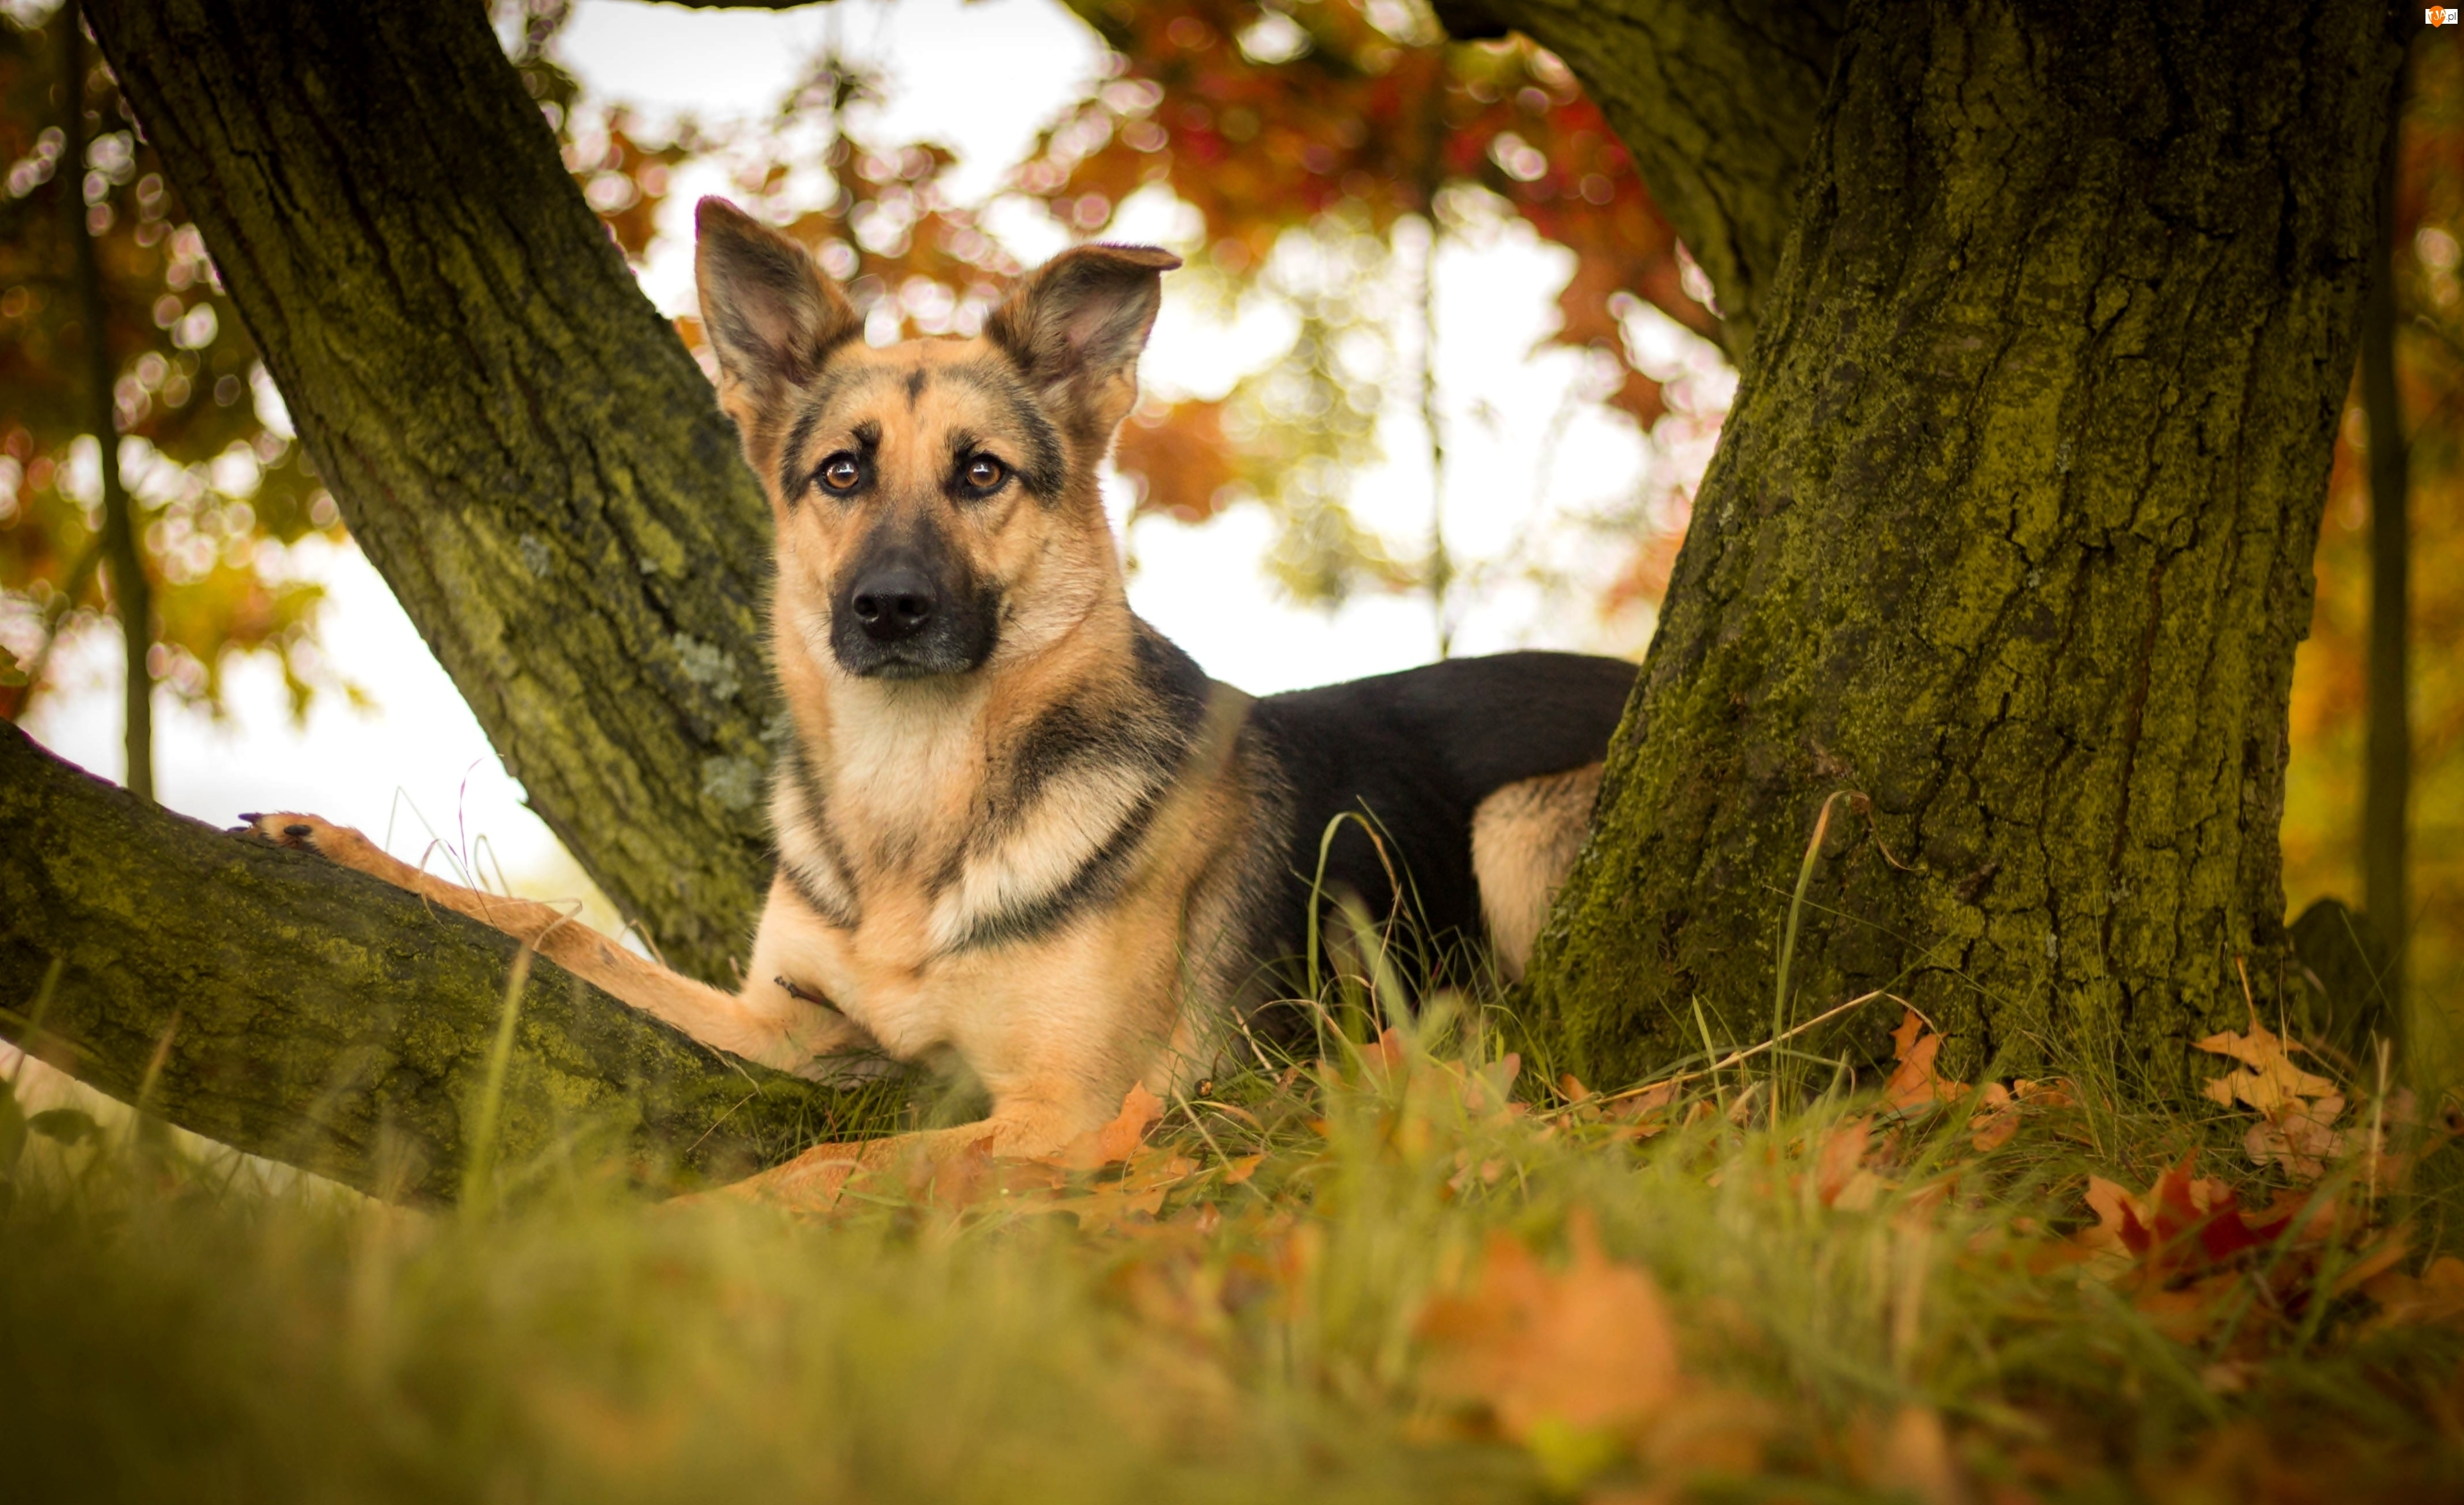 Jesienne, Niemiecki, Pies, Jesień, Liście, Owczarek, Drzewo